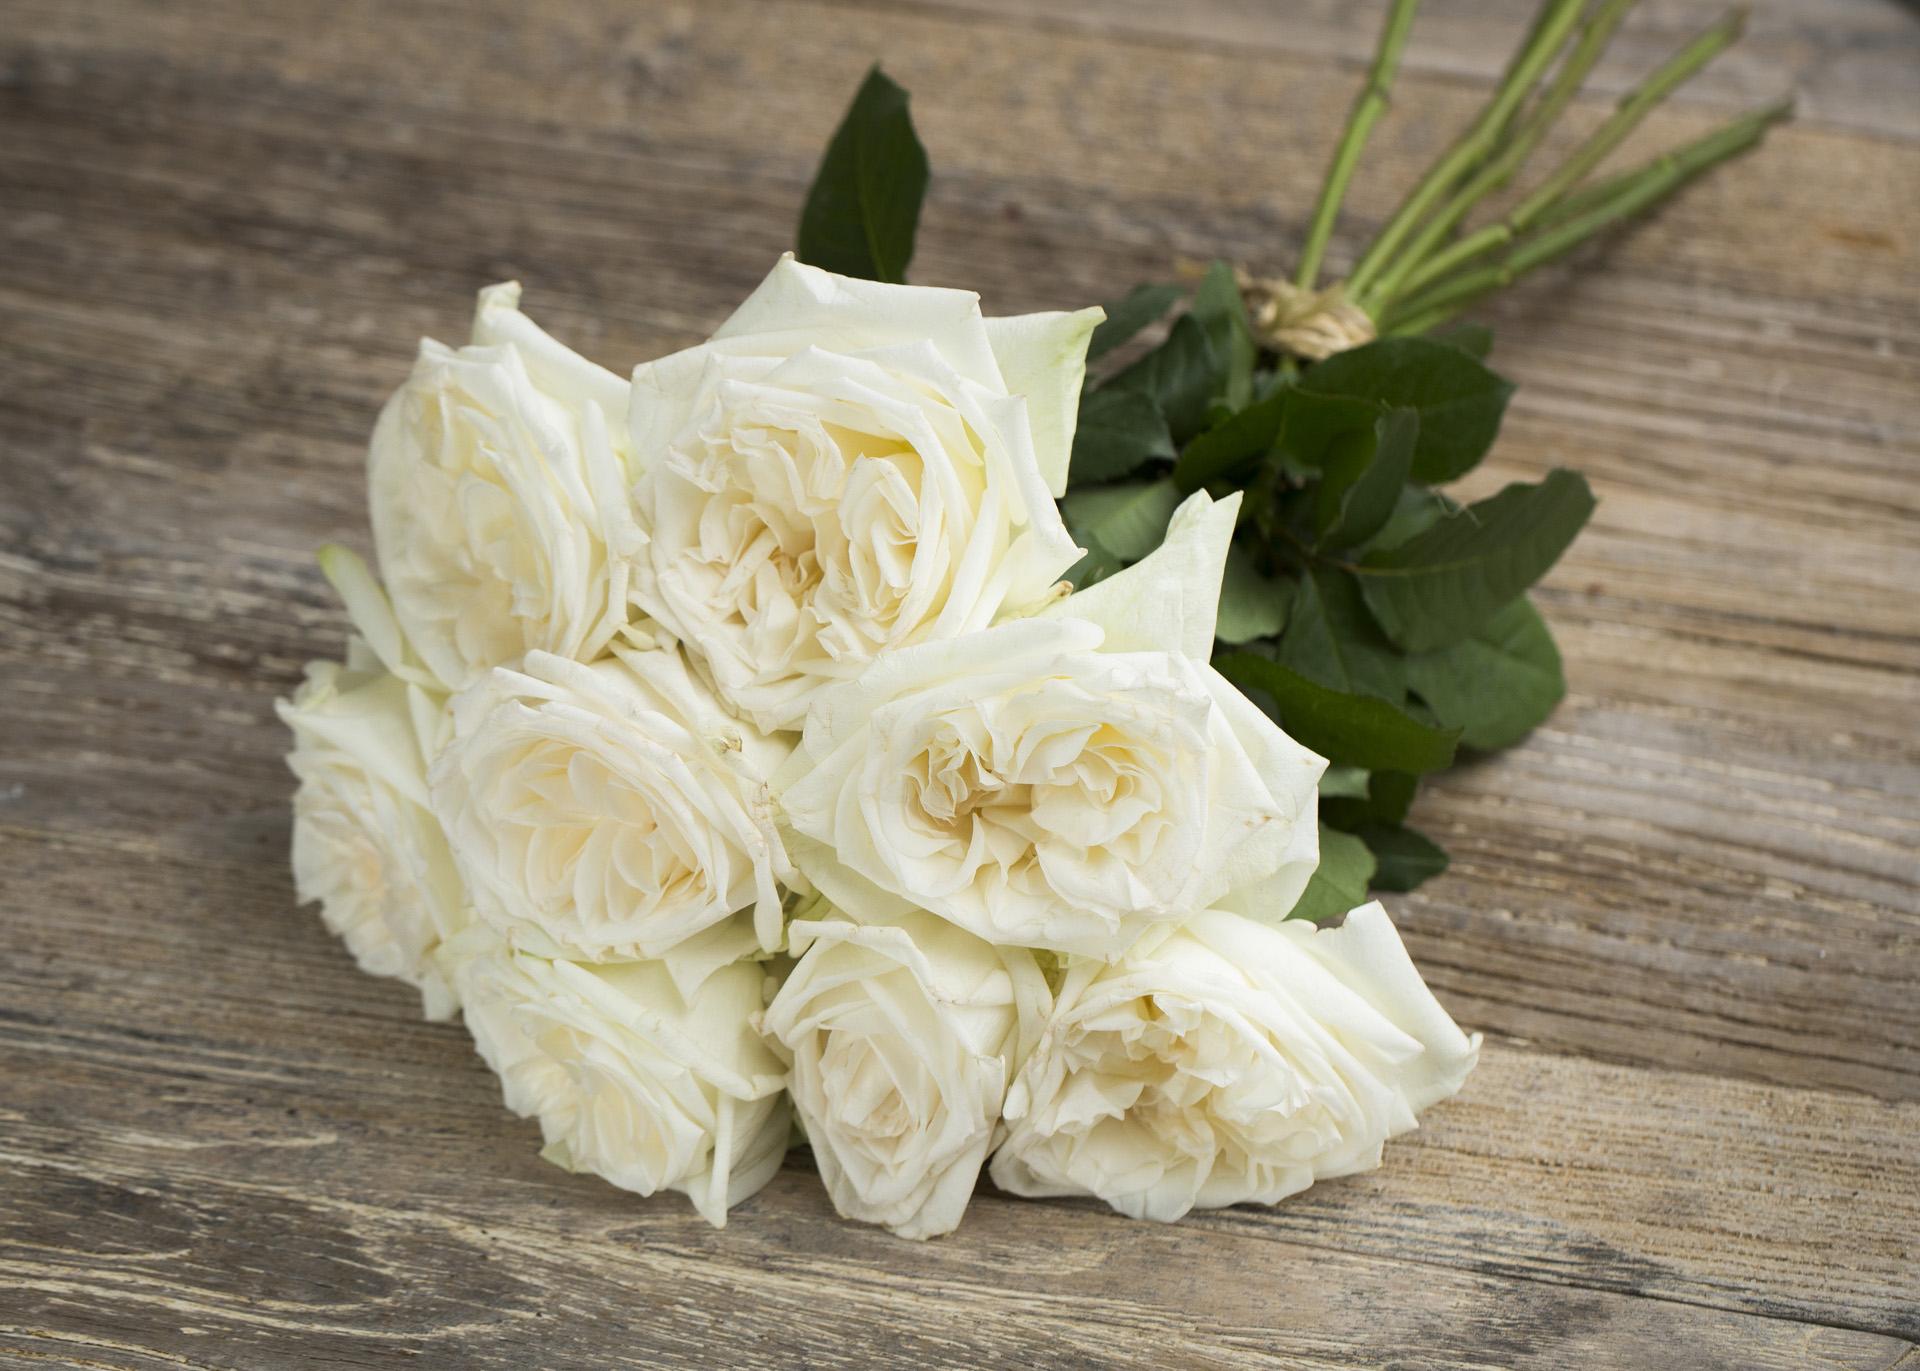 Las rosas rojas más populares eligen este Día de San Valentín | Noticias | Bradfordera.com